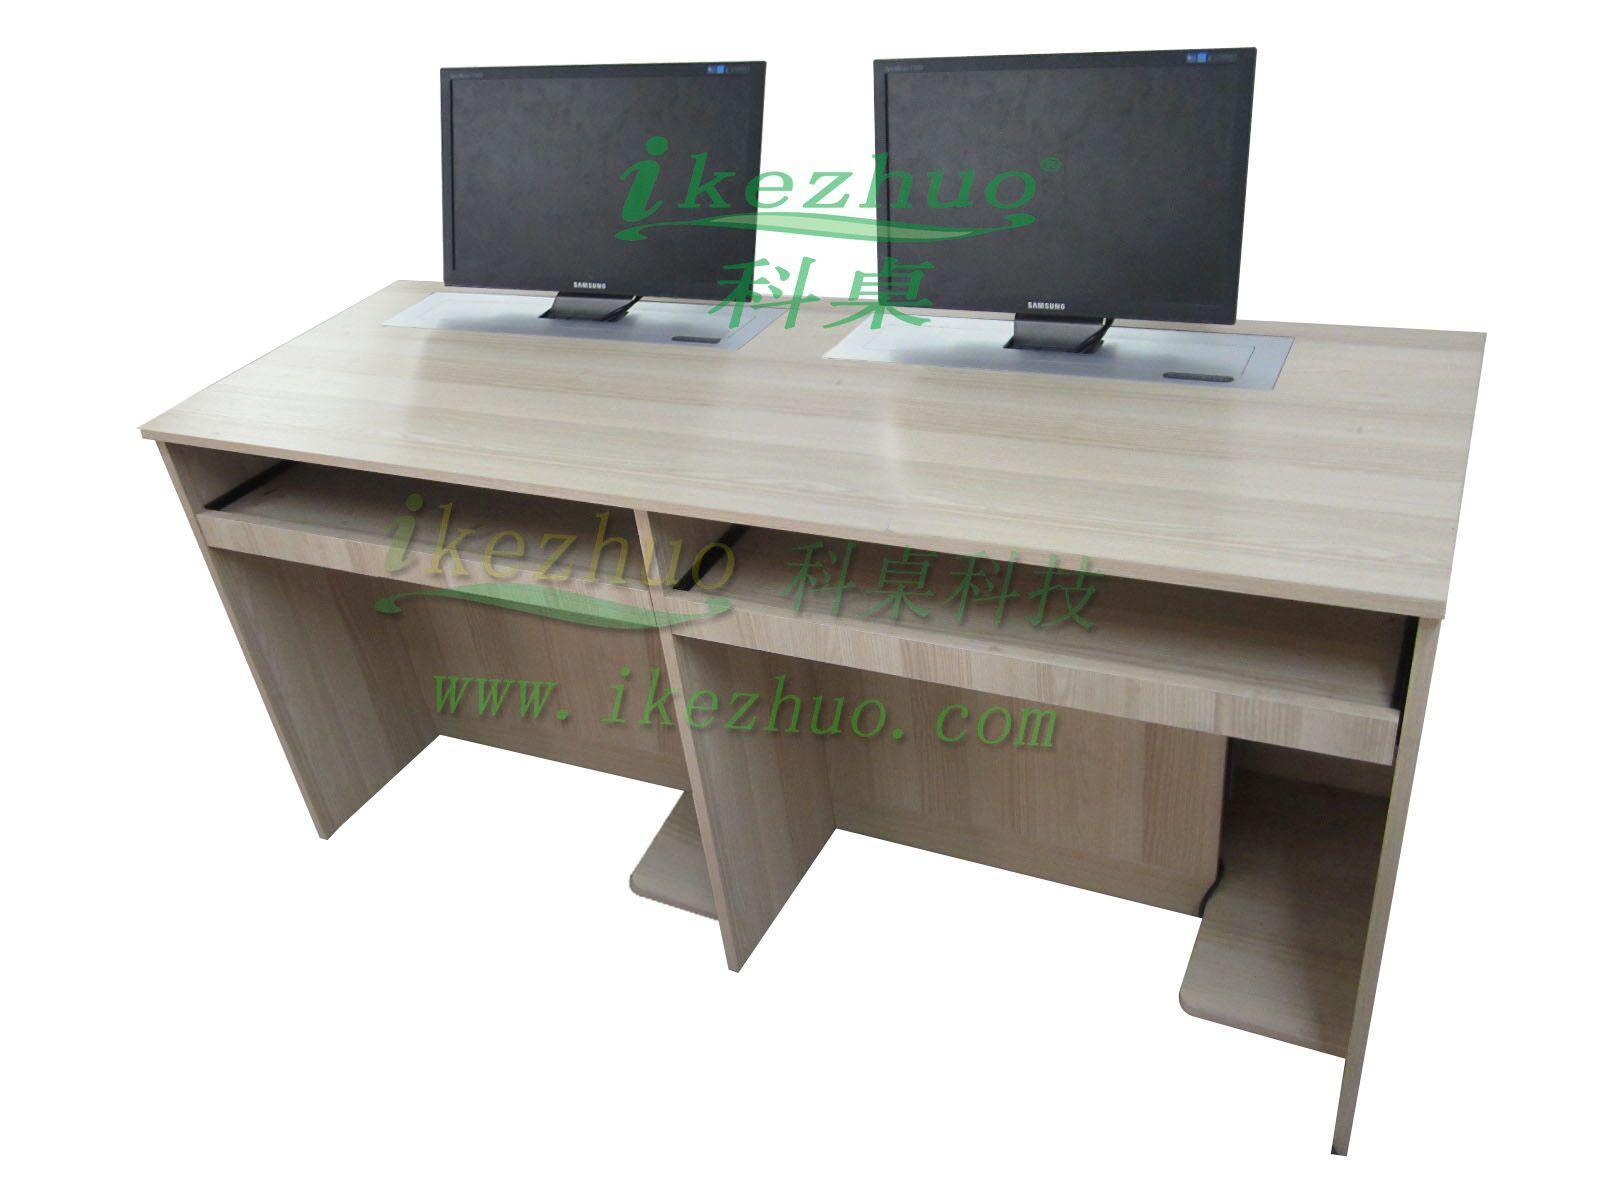 Двойные компьютерные мультимедийные конференц-столы. Подъемные столы. ЖК-дисплей. Подъемные столы.